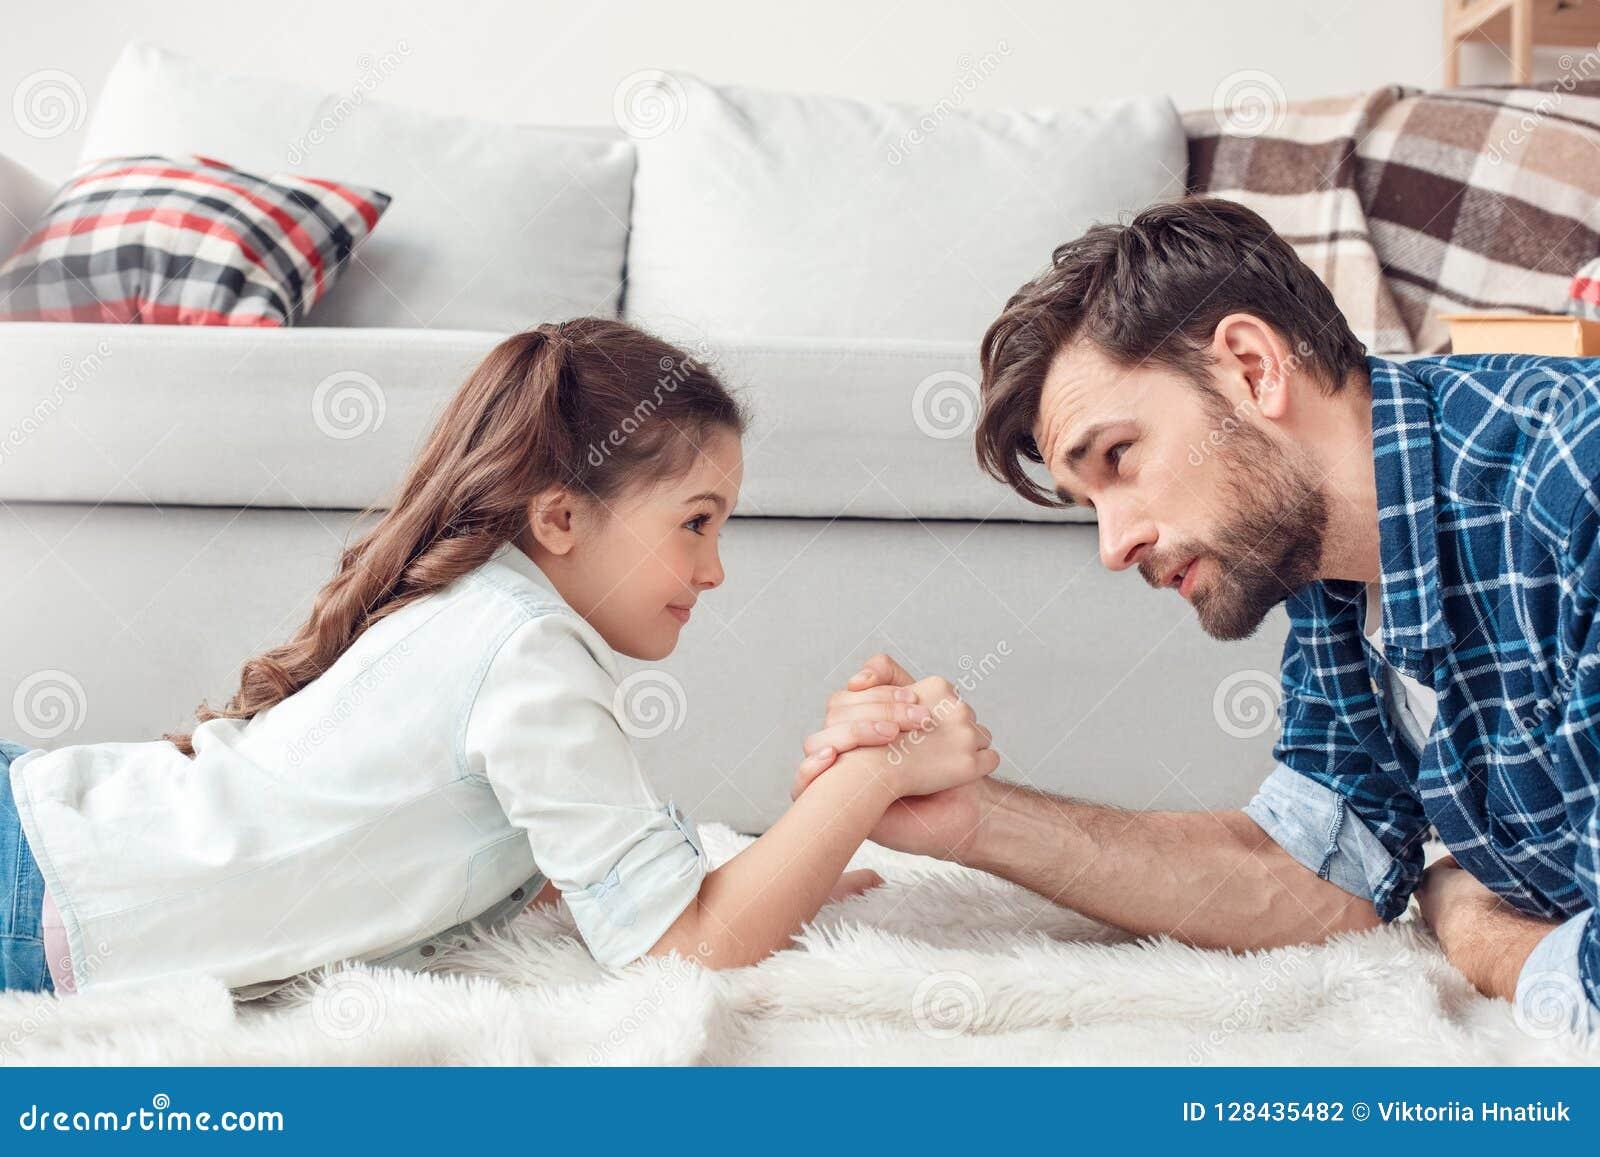 Vater und kleine Tochter zu Hause, die auf dem Boden lässt das Armdrückenwettbewerbslächeln aufregen liegt